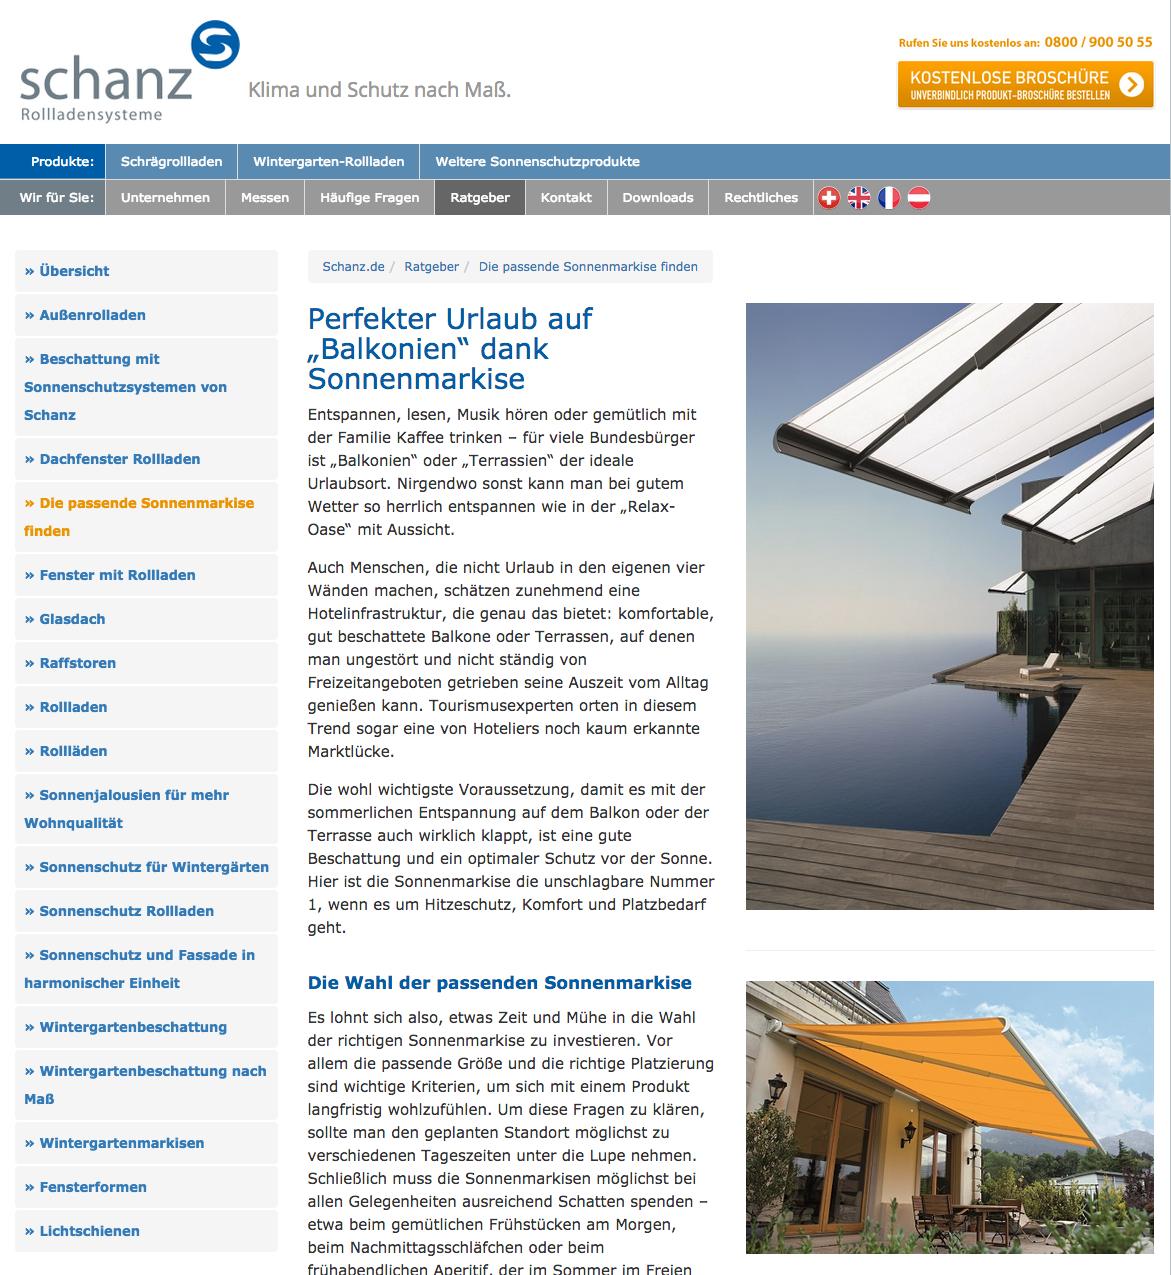 Ratgeberbereich auf der Firmenwebsite von Schanz GmbH